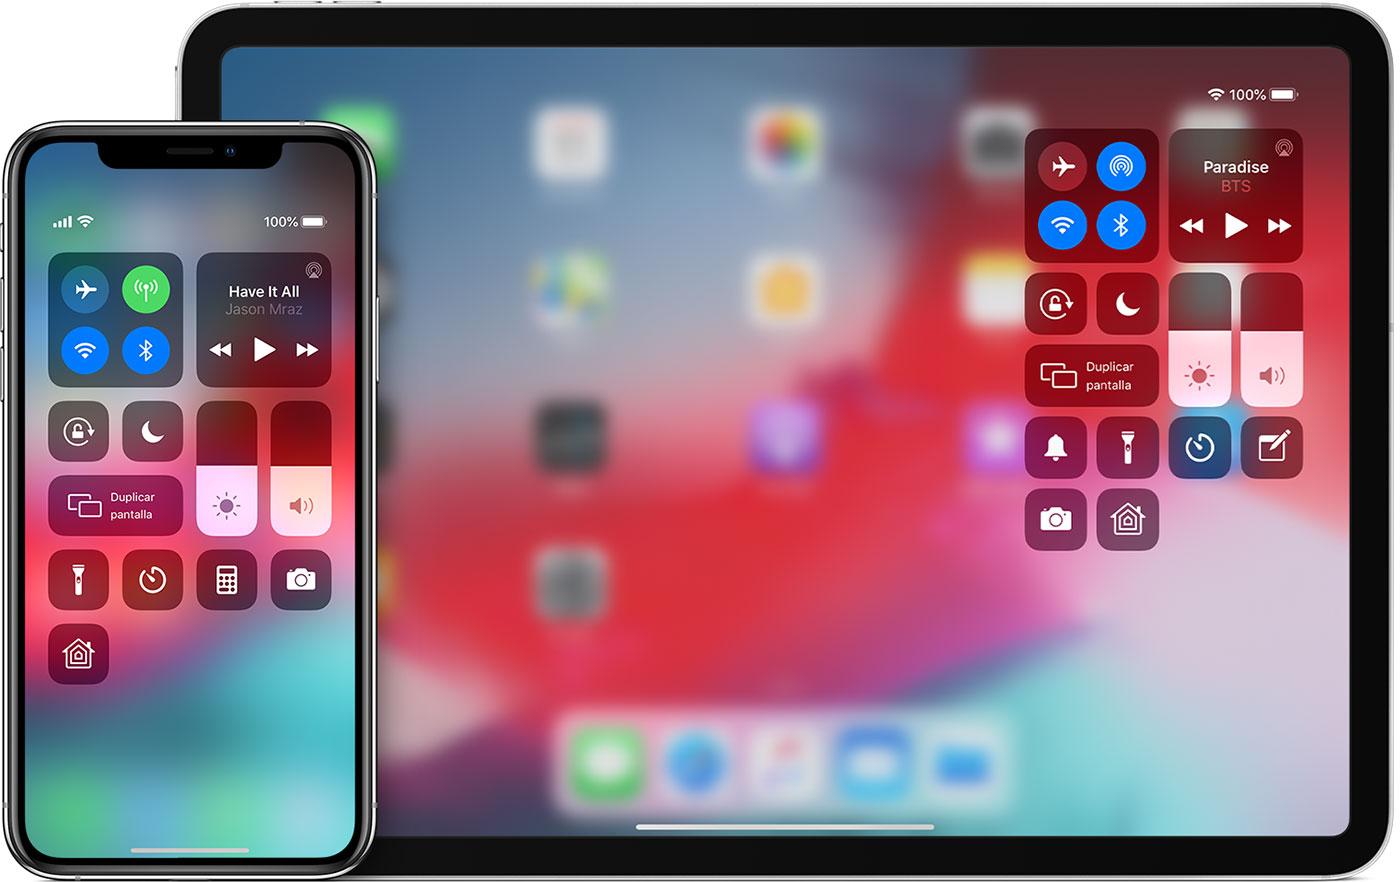 776e4de37ed Usar y personalizar el Centro de control en el iPhone, iPad y iPod touch